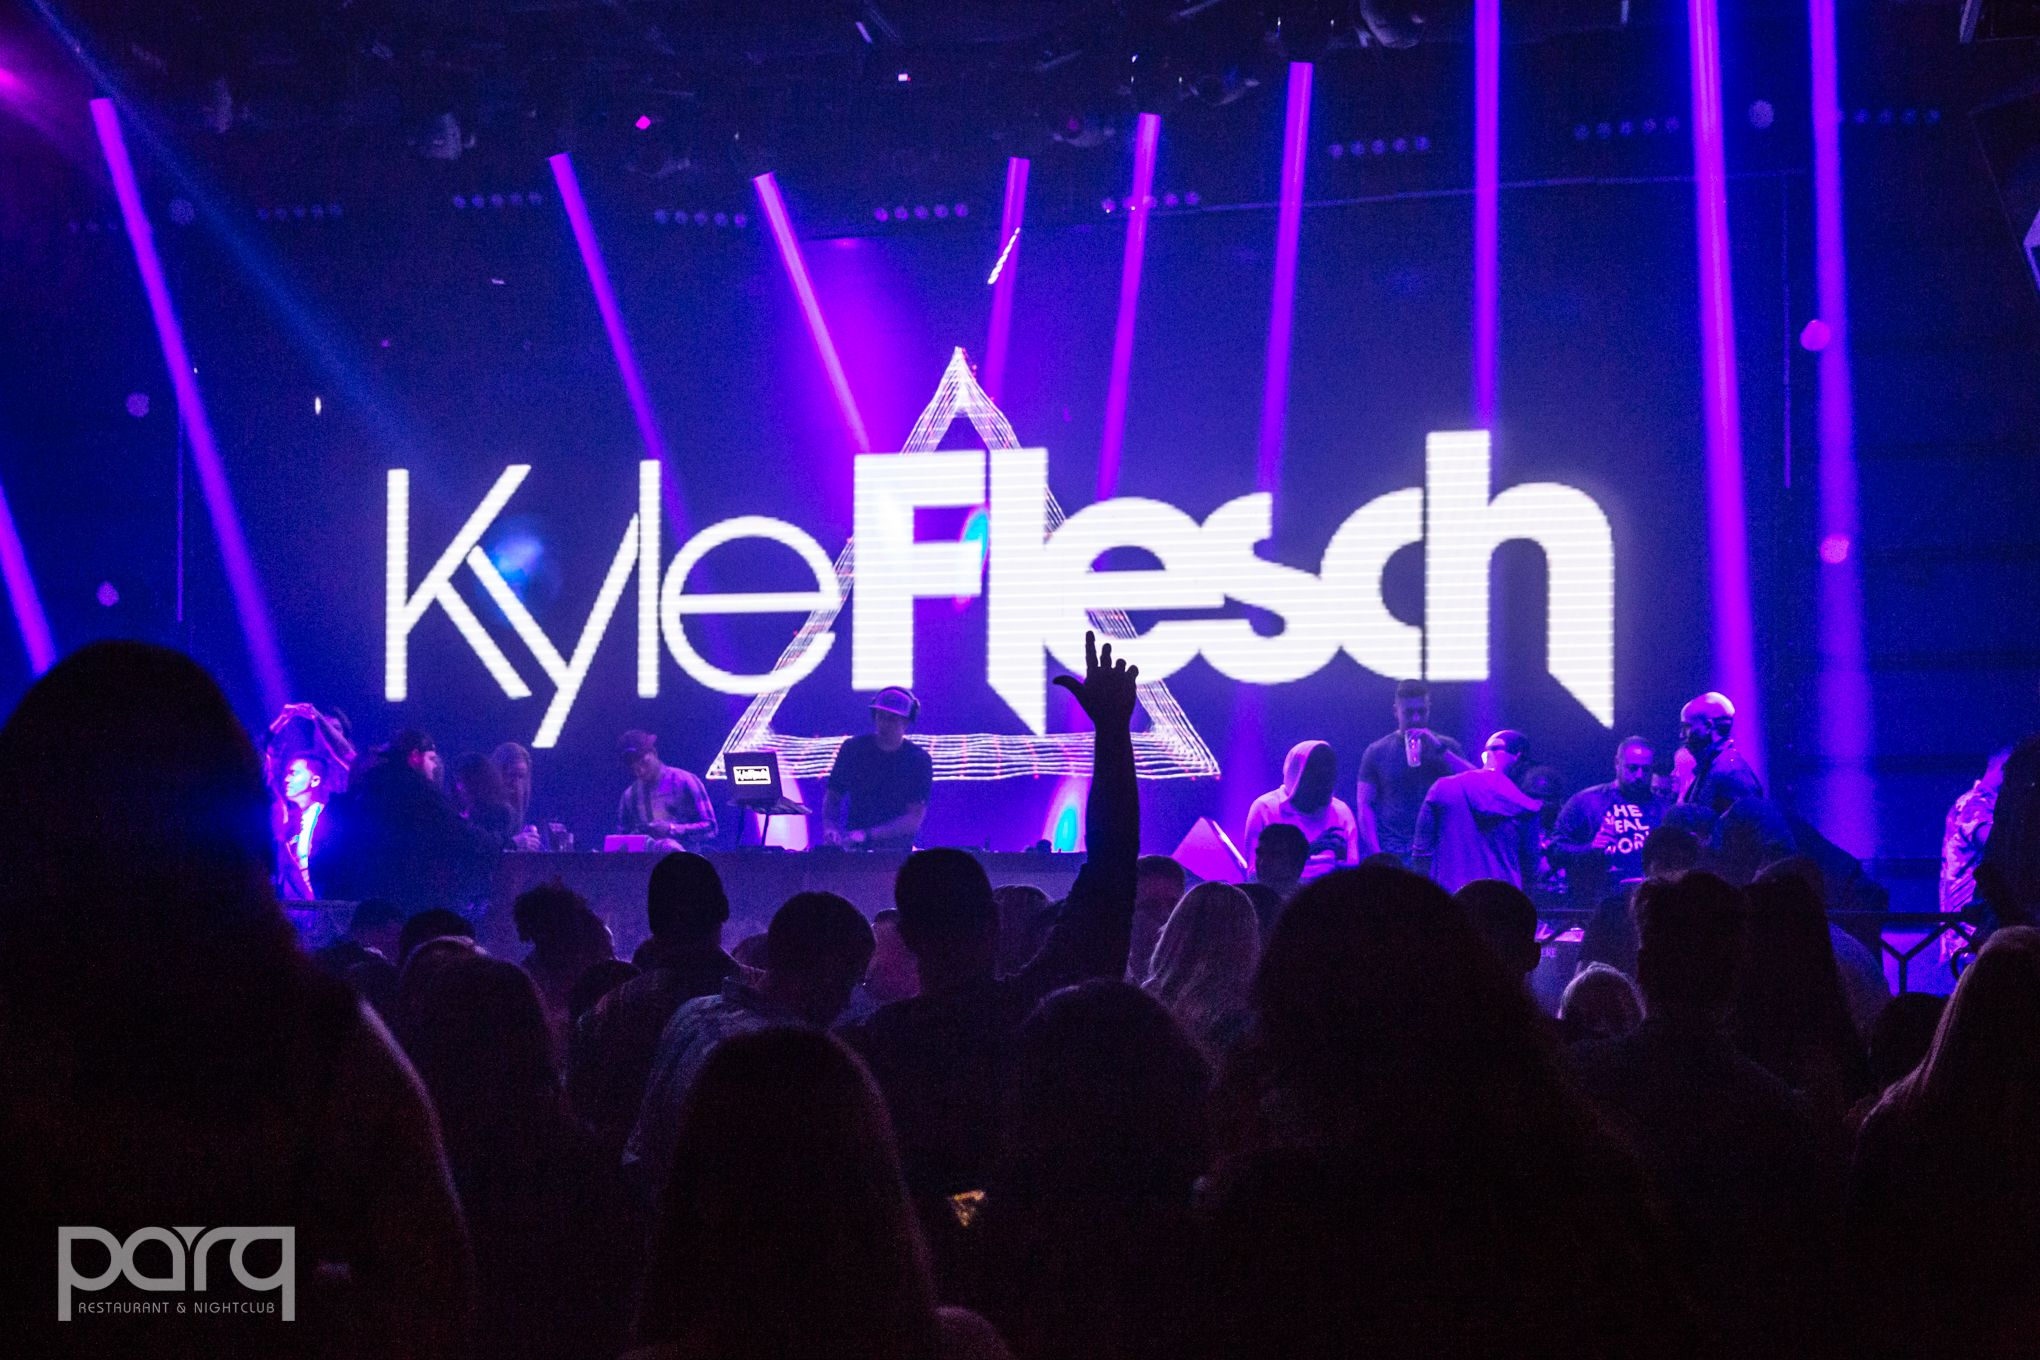 01.11.18 Parq - Kyle Flesch -1.jpg